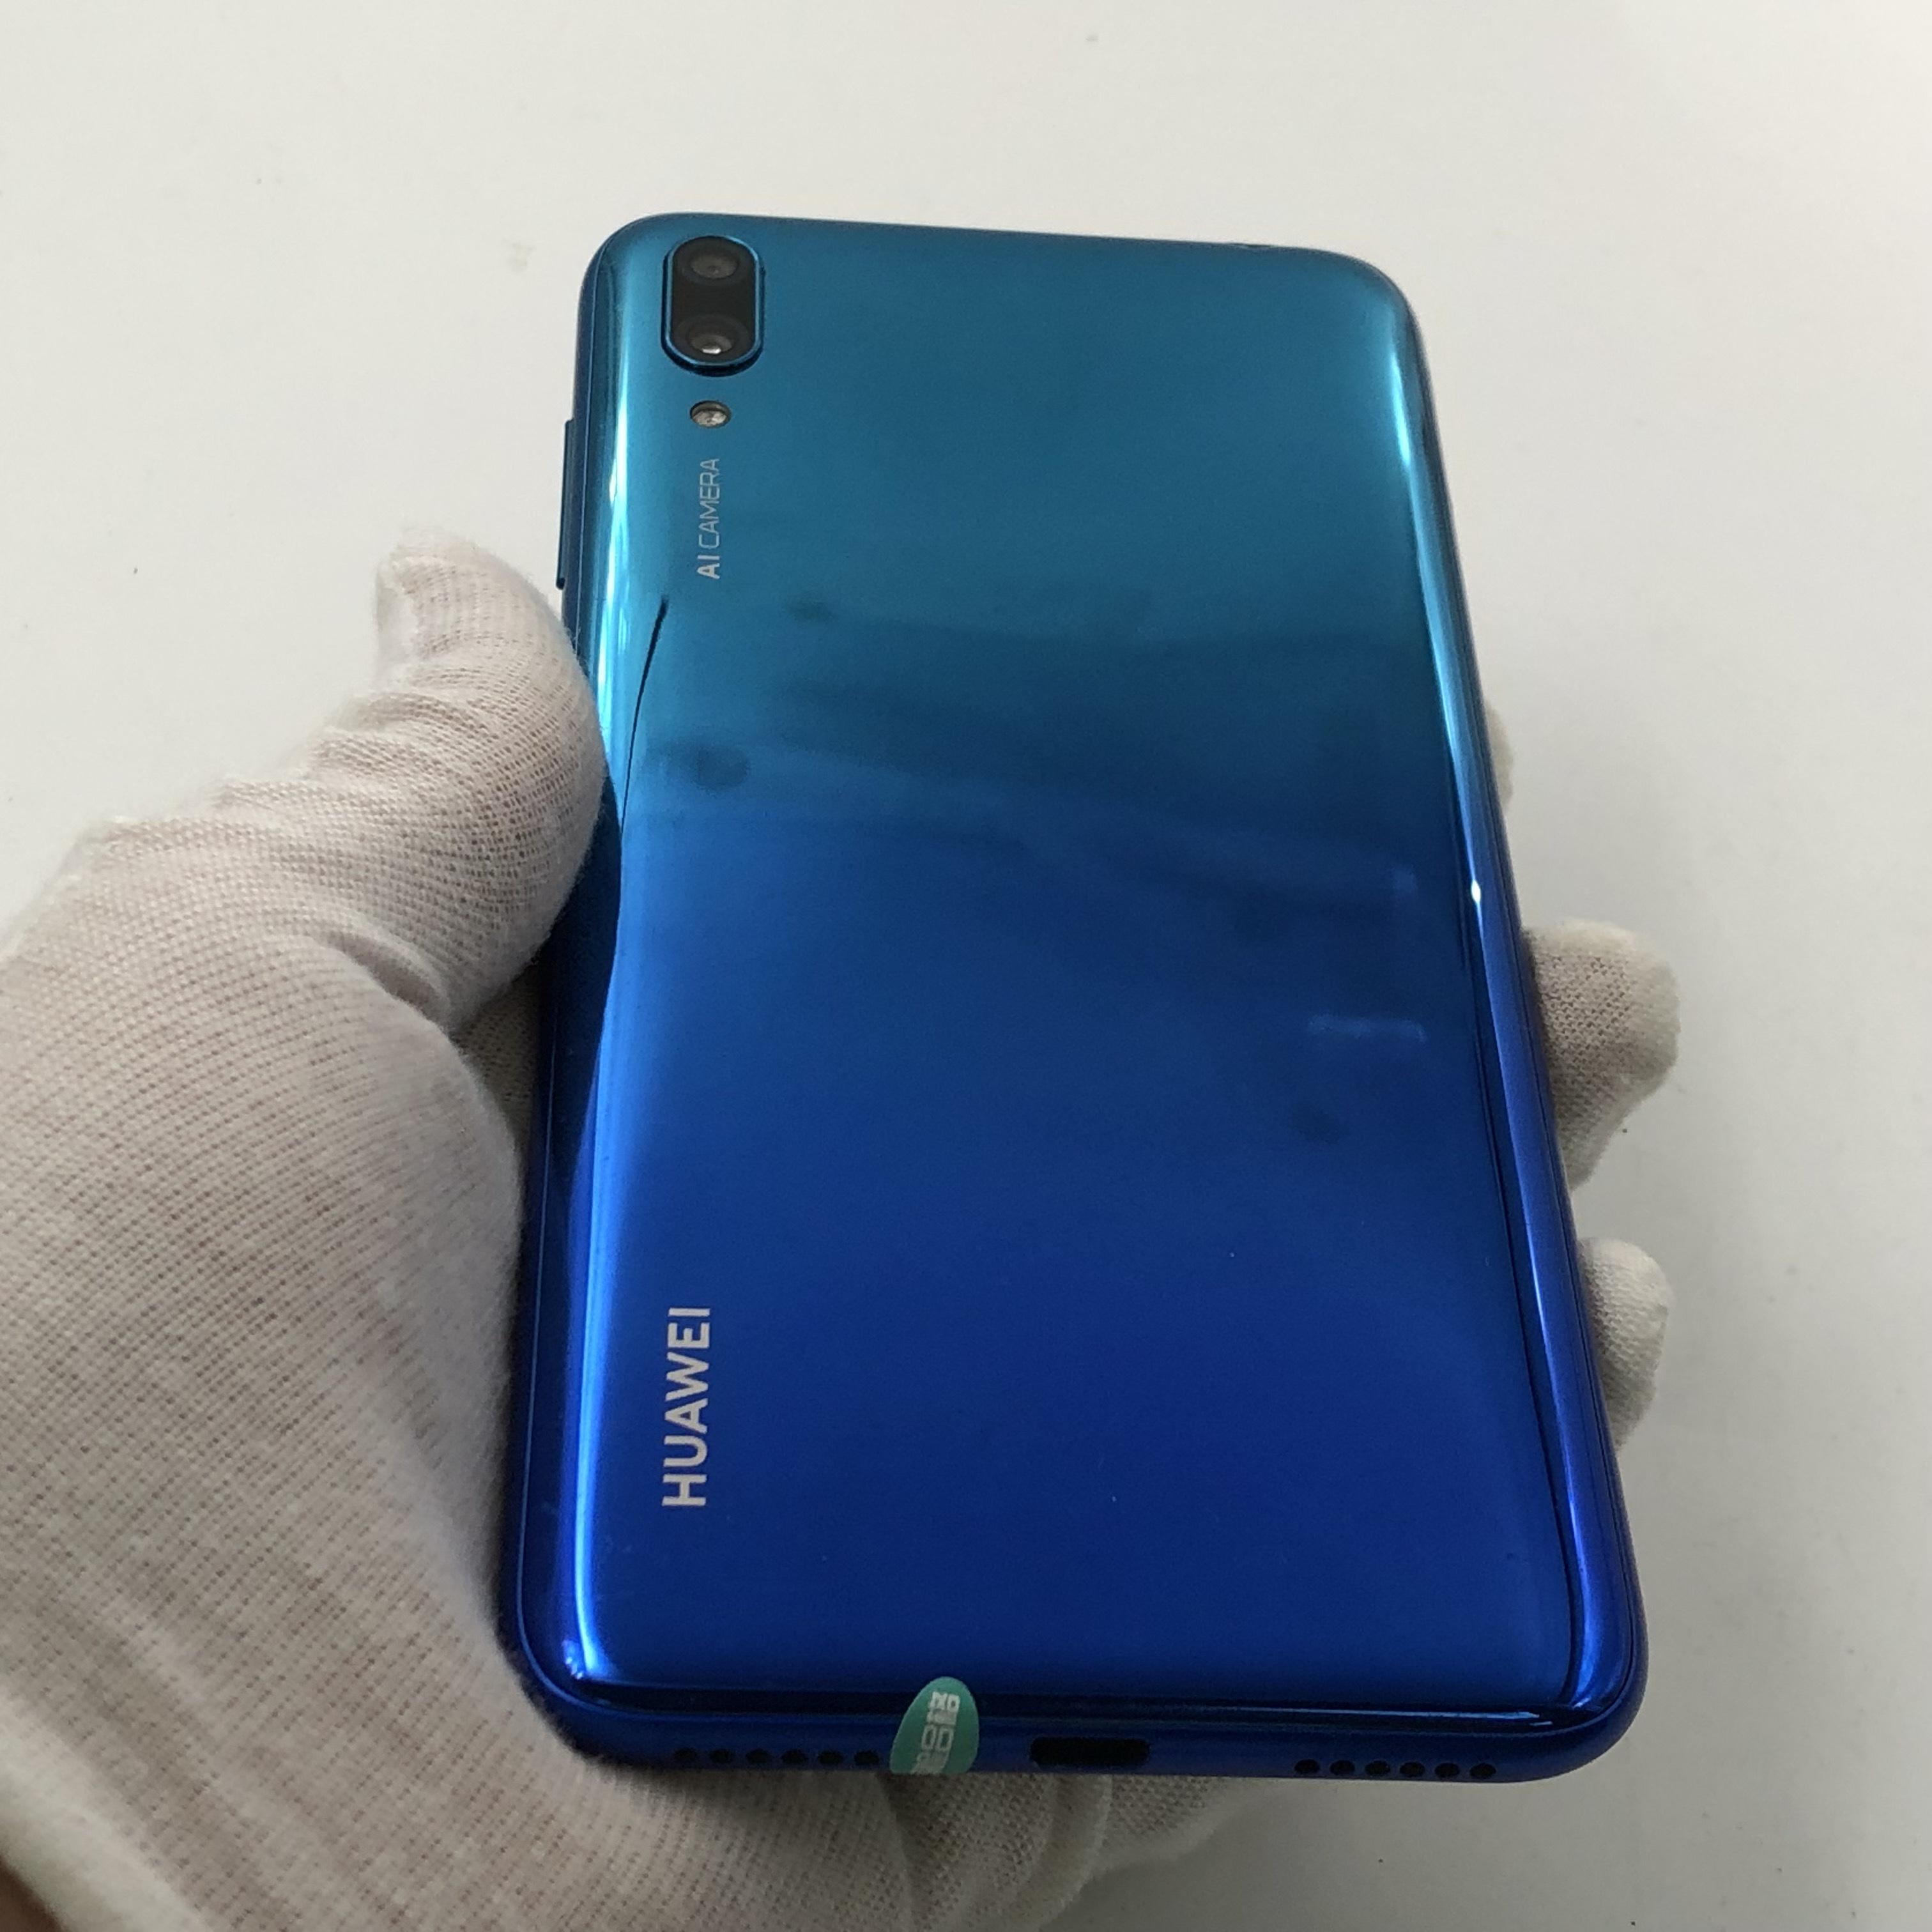 华为【畅享9】4G全网通 蓝色 3G/32G 国行 9成新